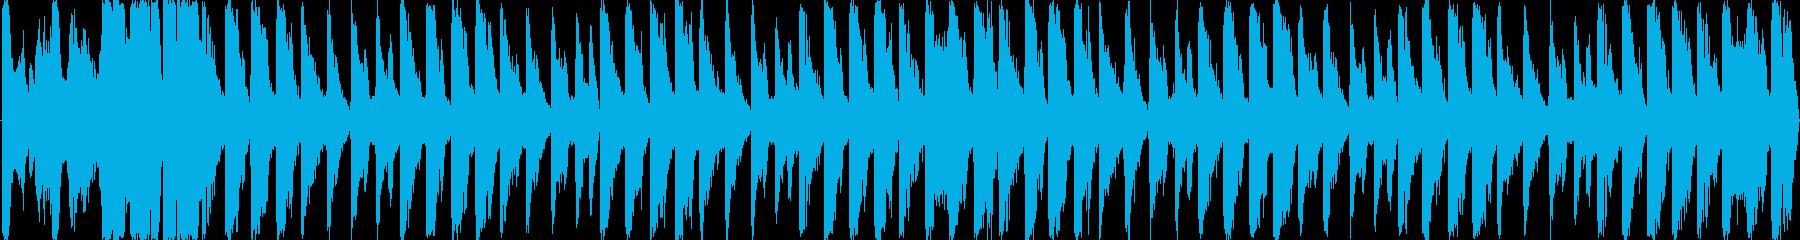 【爽やかのんびりEDMポップ】の再生済みの波形